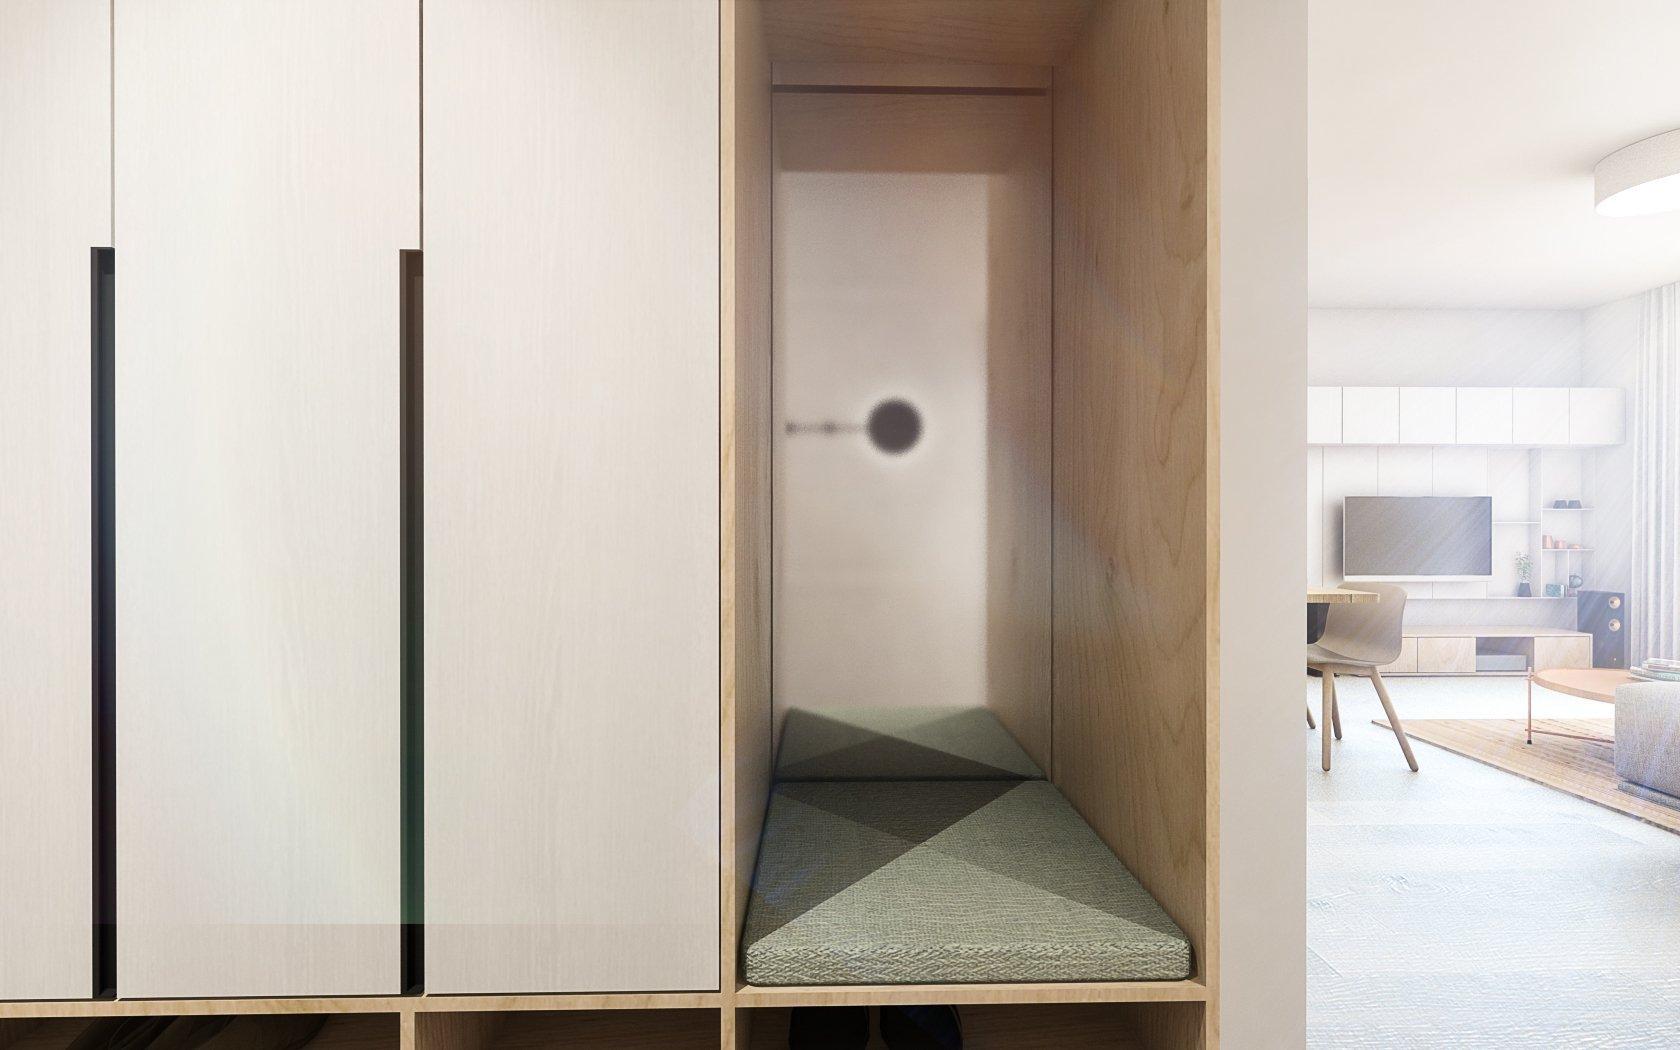 V projekte Slnečnice sme prepojili škandinávske prvky s priemyselným vzhľadom. Pri tvorení konceptu interiéru 3-izbového bytu pre sympatický mladý pár sme…